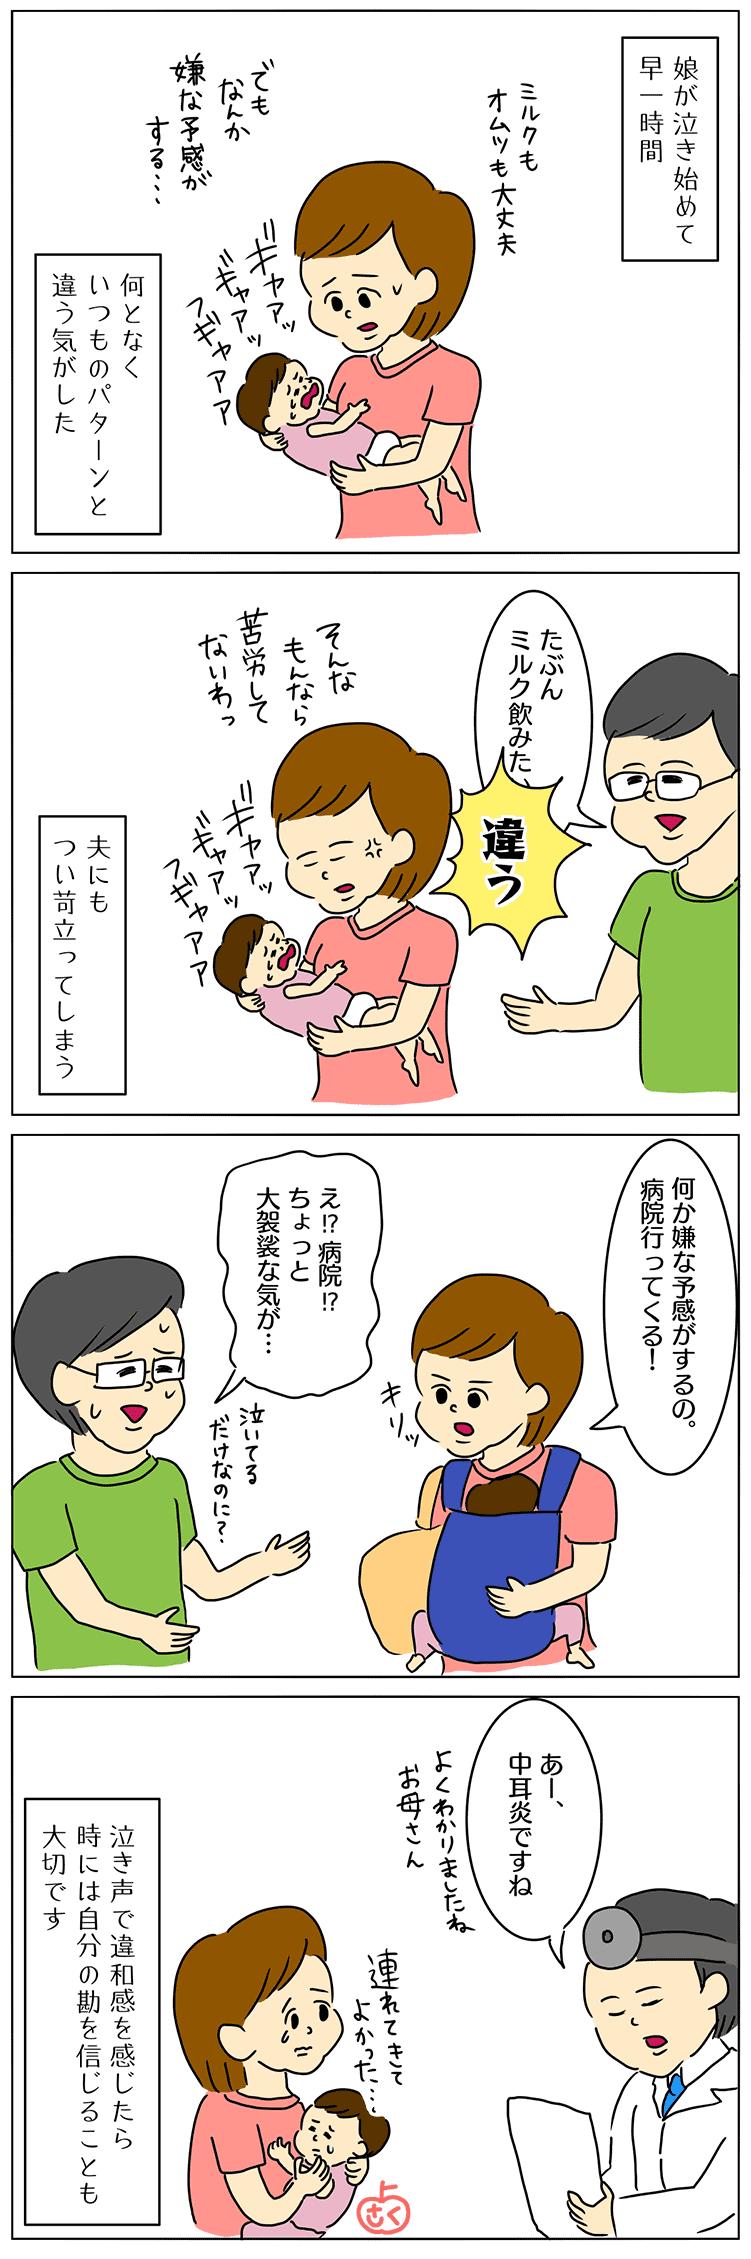 赤ちゃんが泣き止まない原因の子育て4コマ漫画